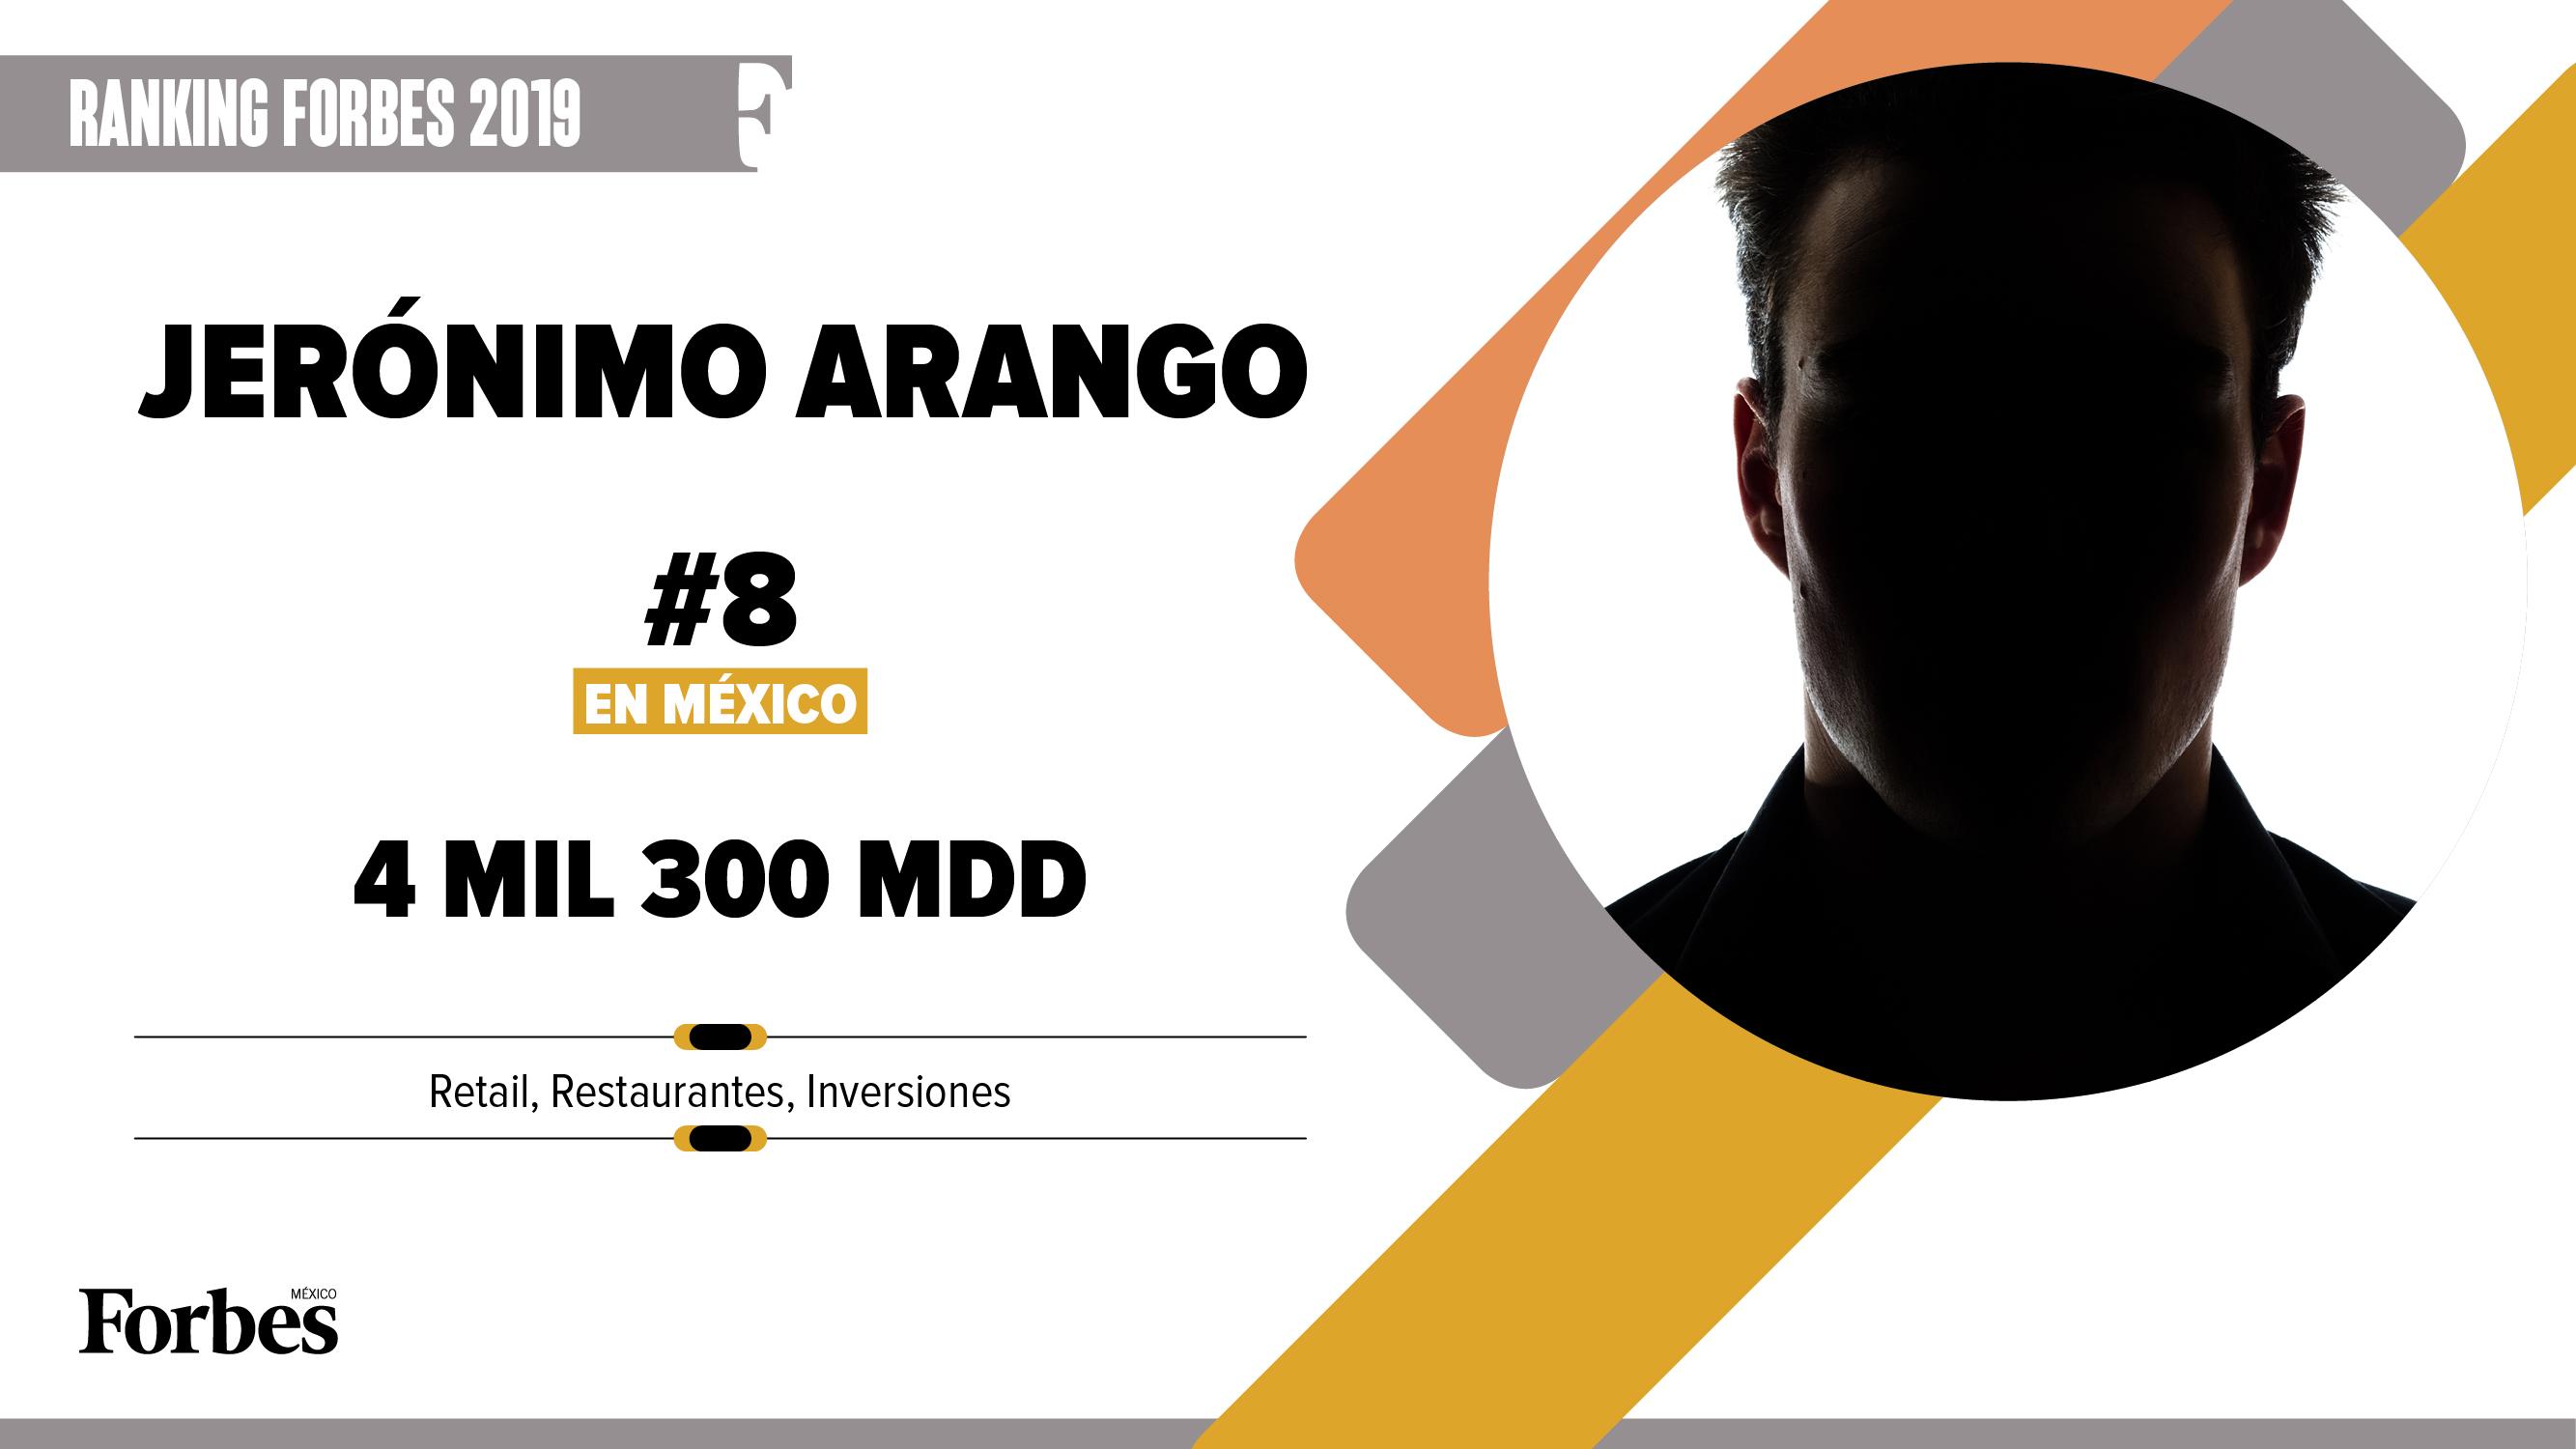 Billionaires 2019 | Jerónimo Arango, una vida que sigue dando frutos